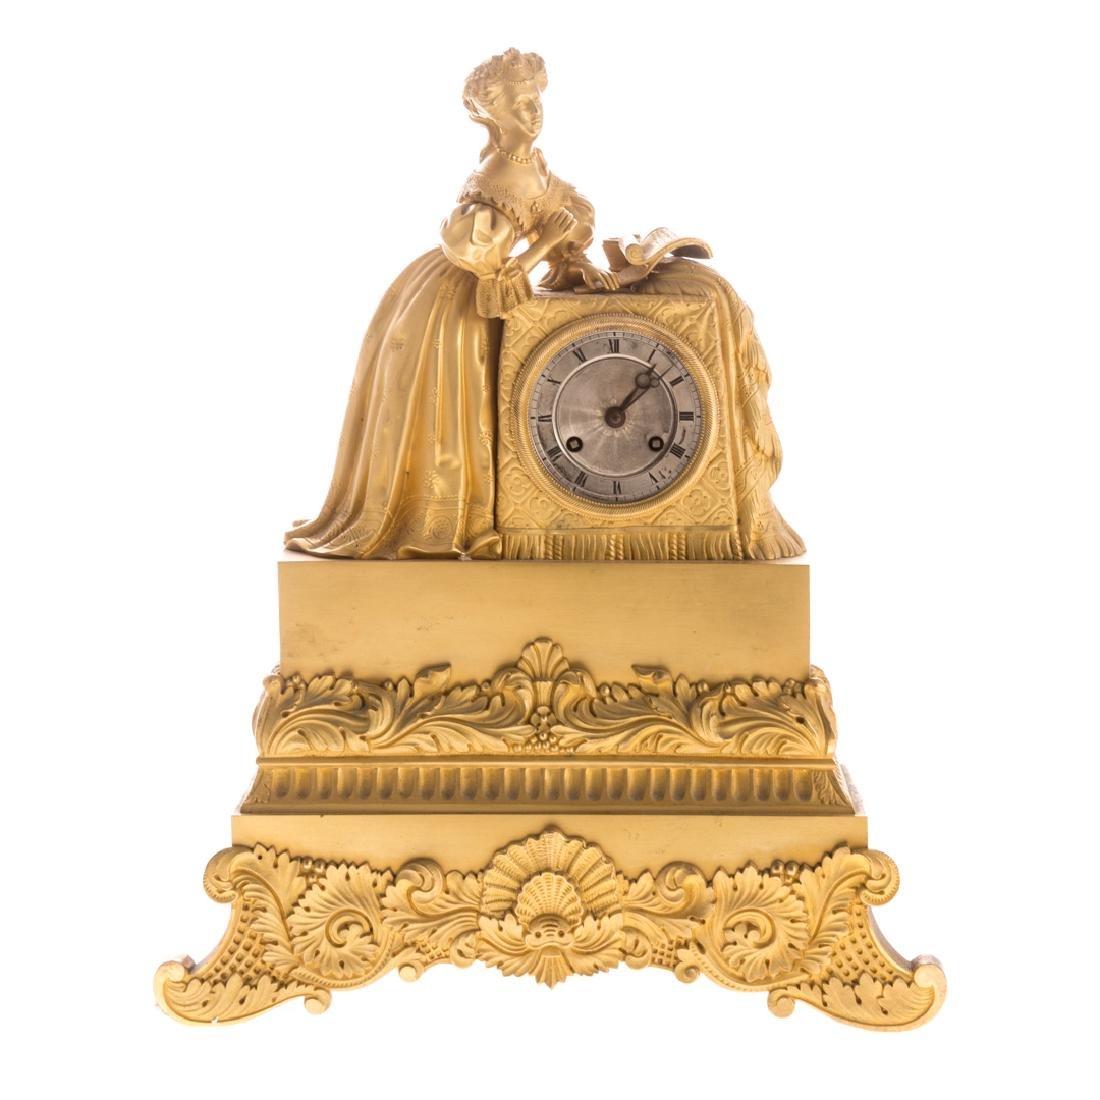 French Empire gilt bronze mantel clock